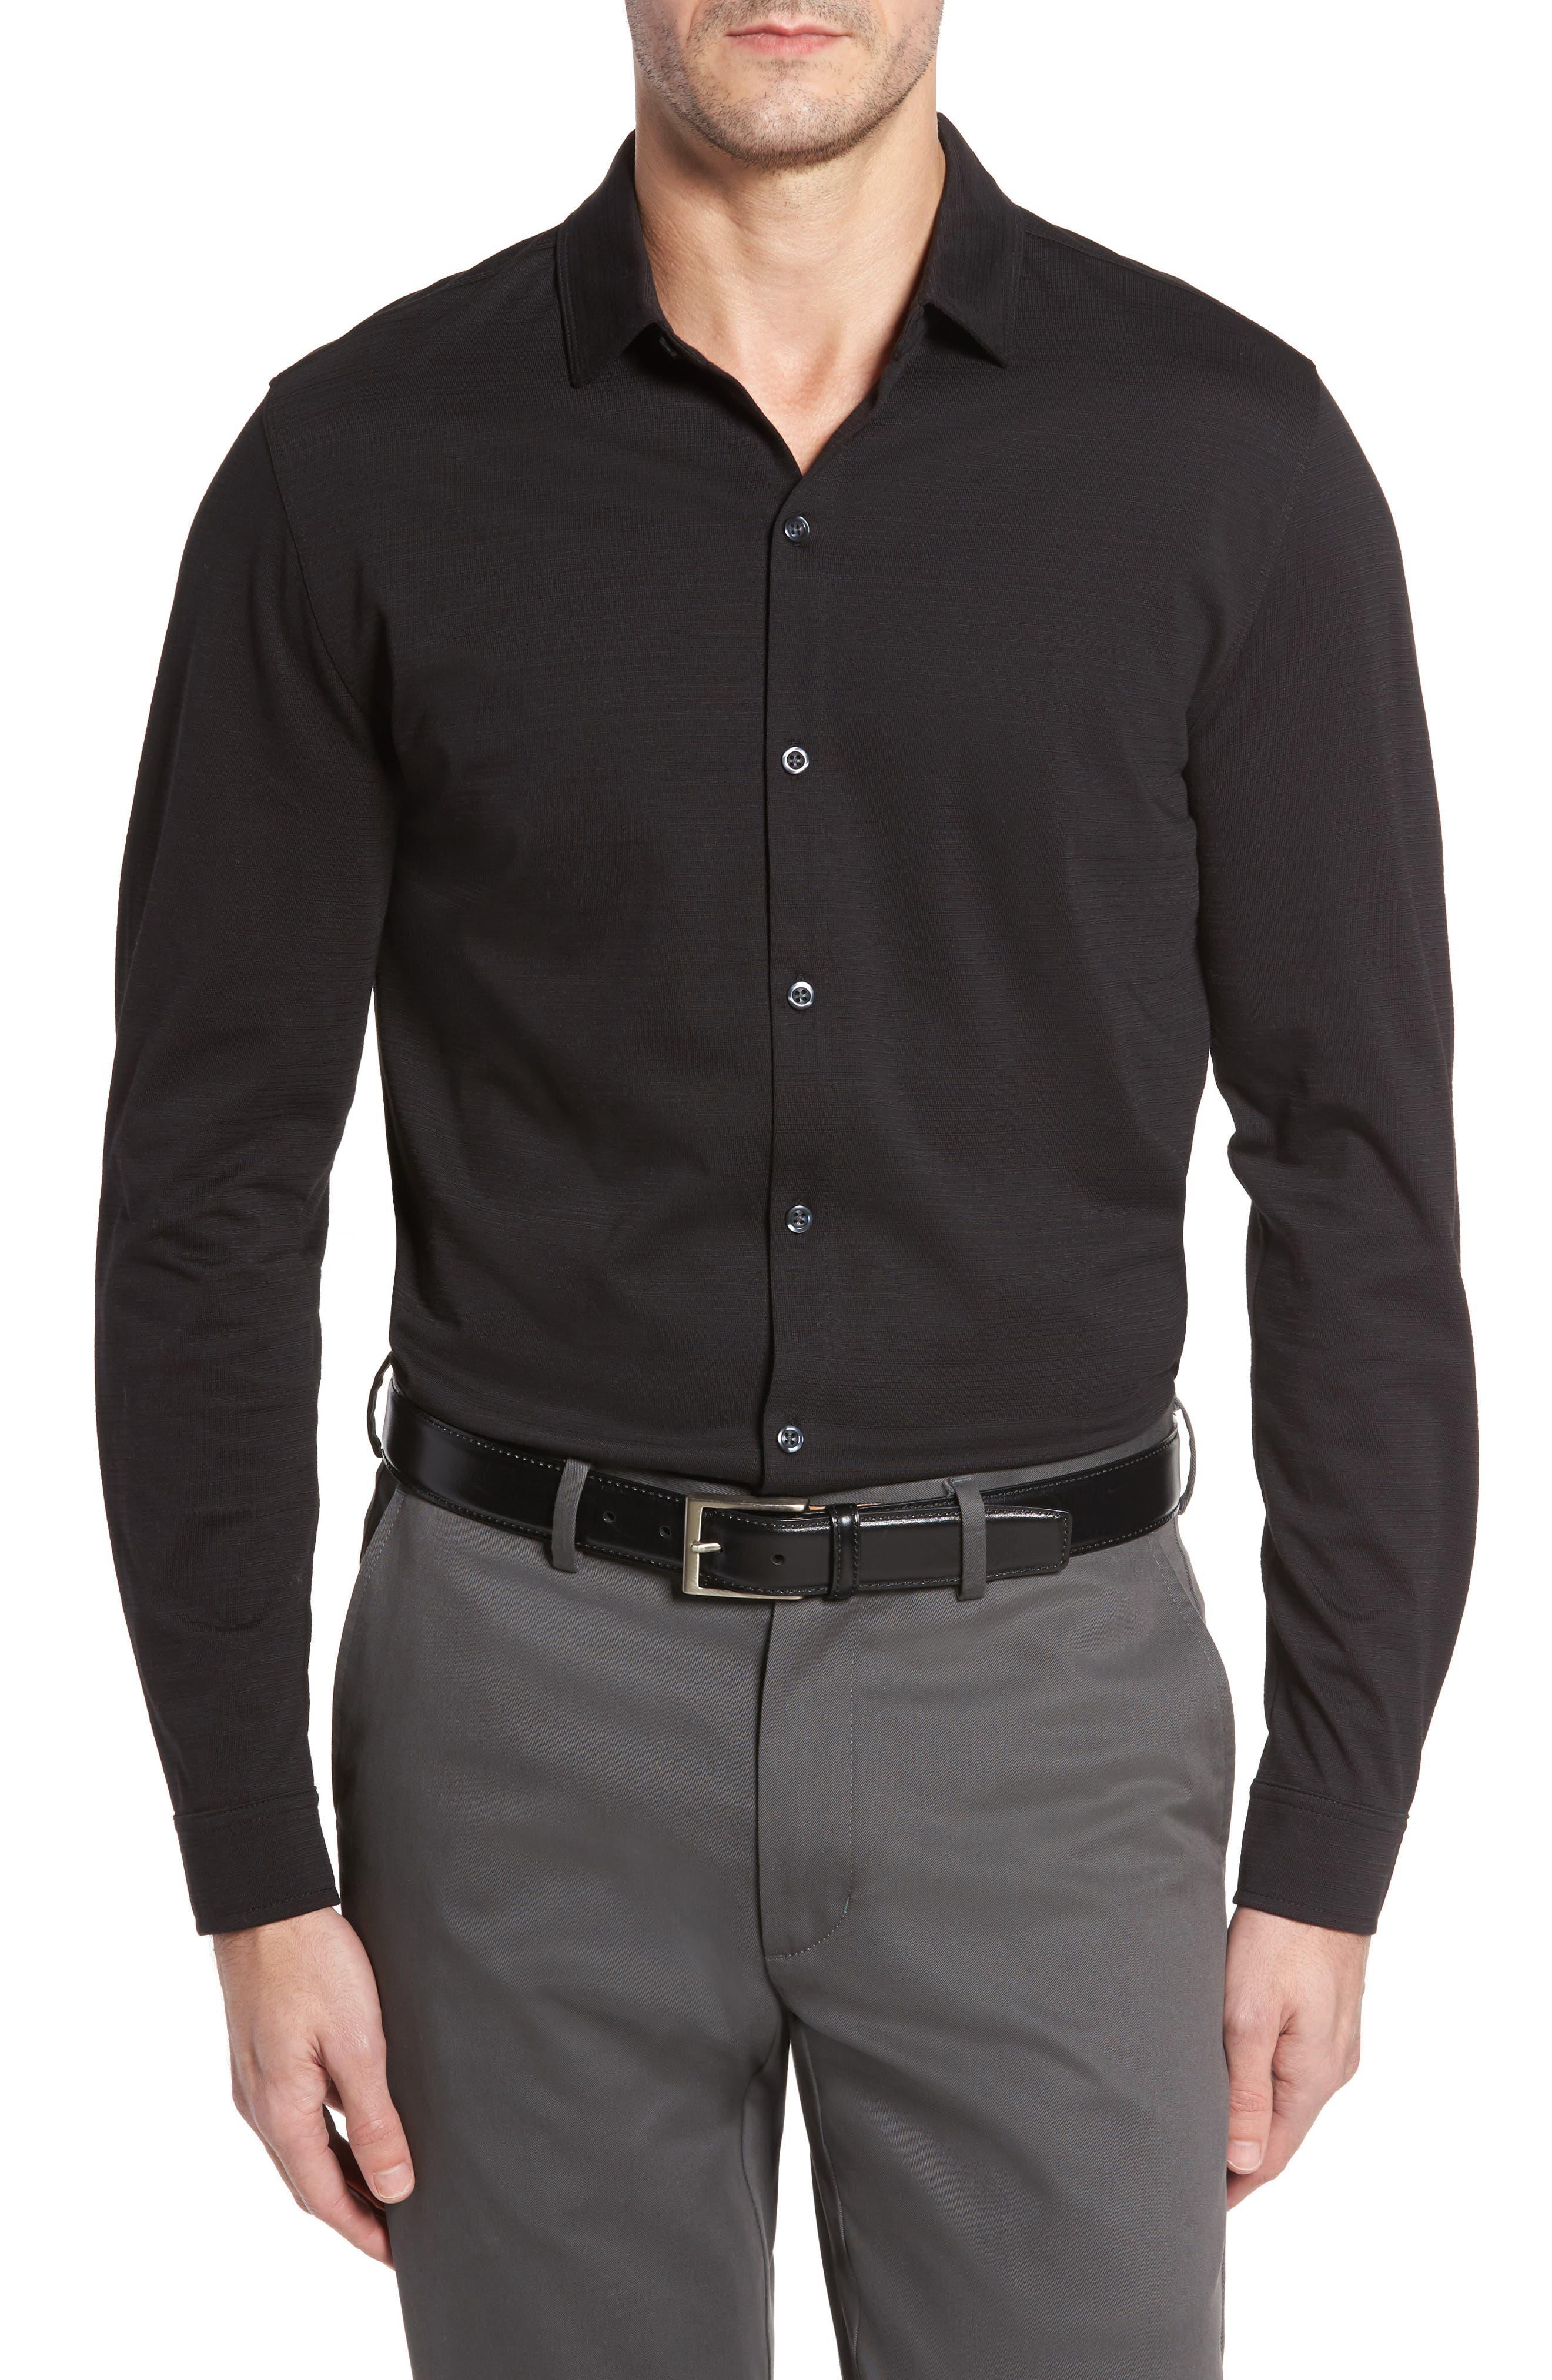 Robert Barakett Atwood Knit Sport Shirt